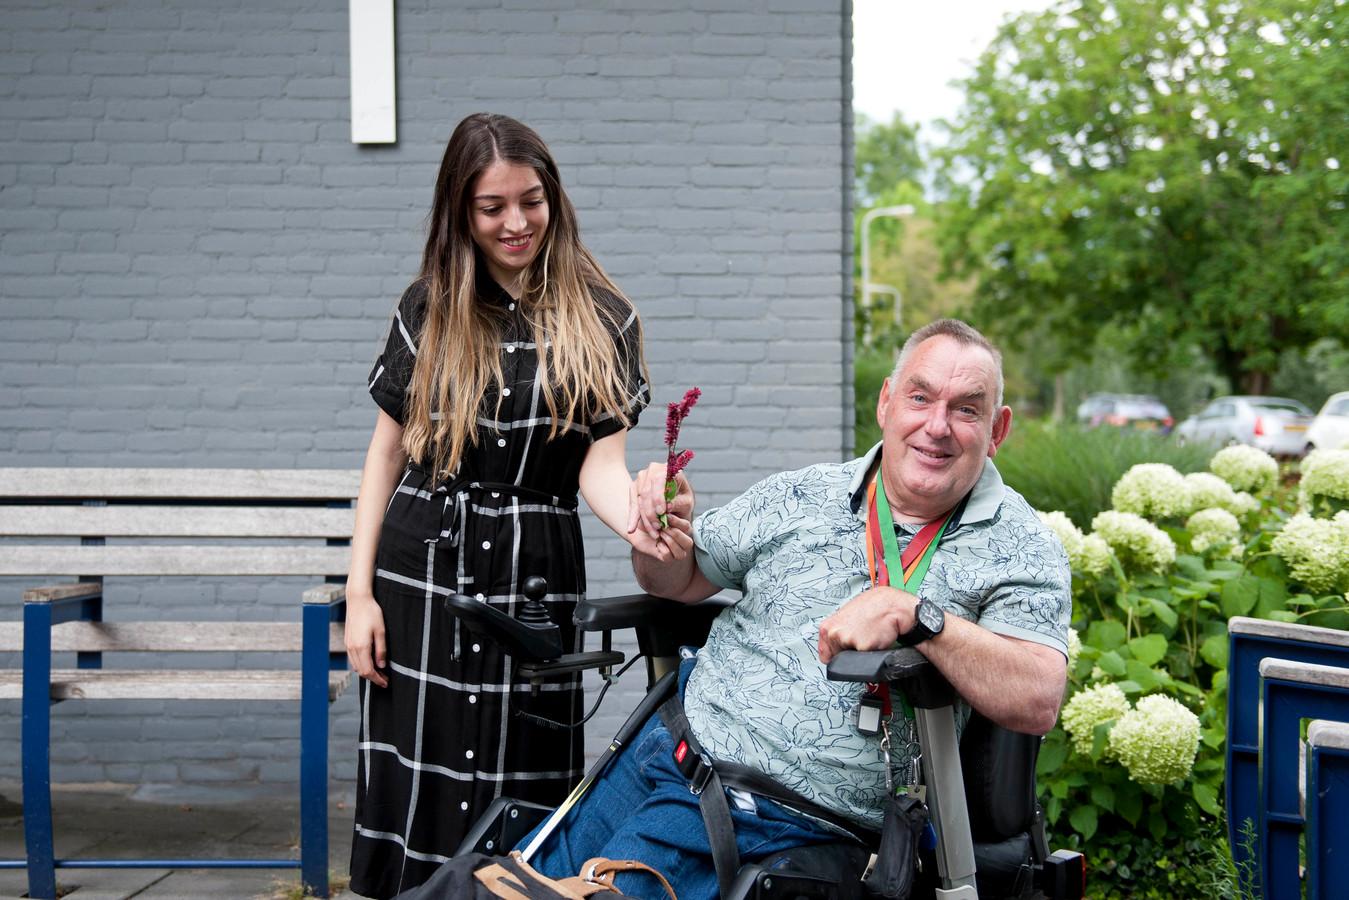 """Bewoner Rein Kers (62) van Humanitas is heel blij met mensen als Eda Nur. ,,Af en toe een wandelingetje maken met haar is fijn."""""""